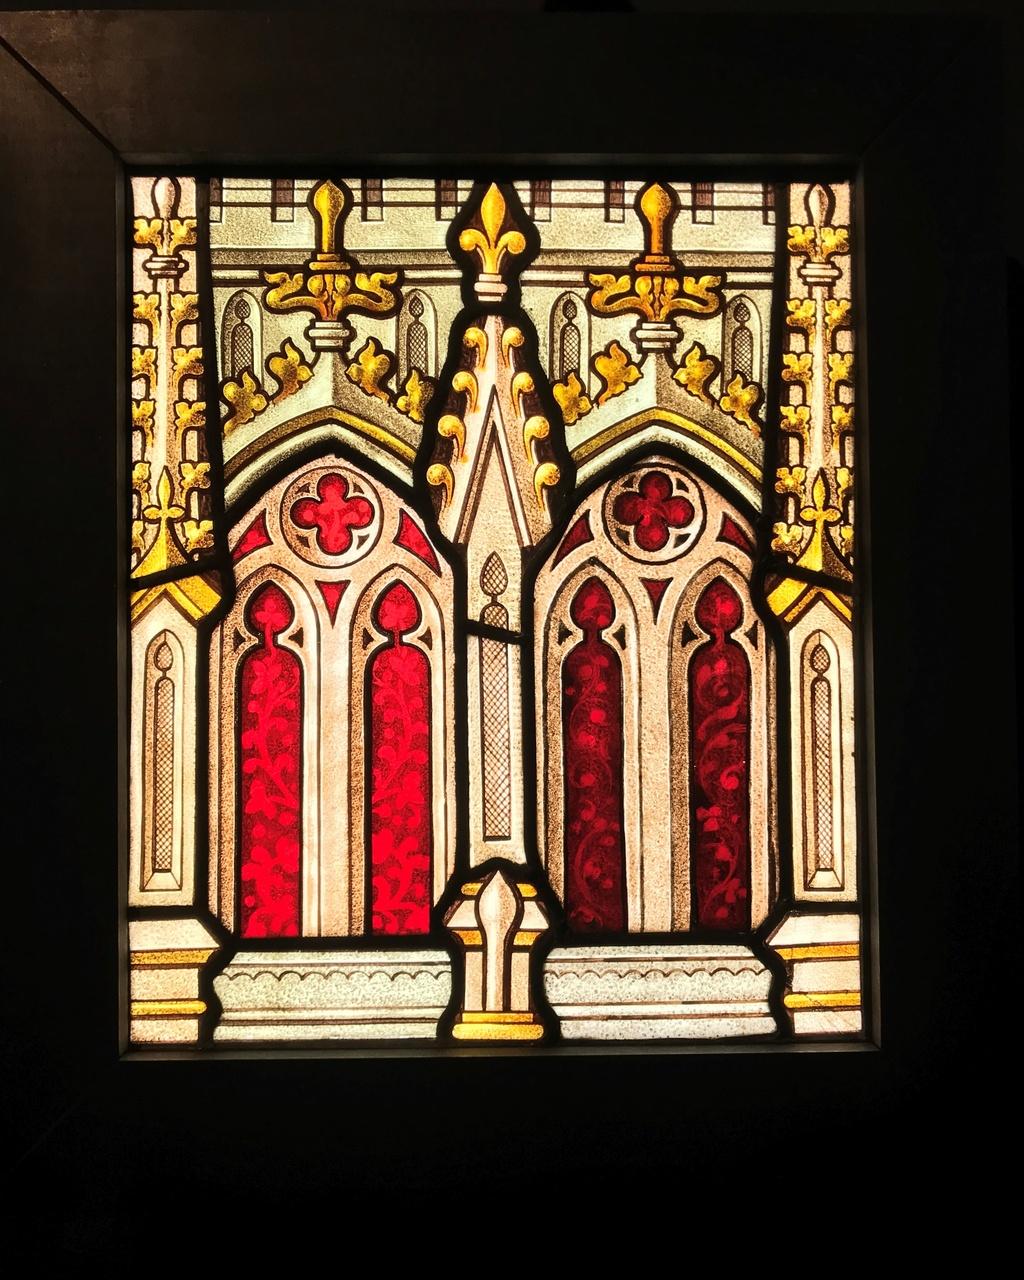 Glas-in-loodraam, onderdeel kerkraam, met gotische elementen